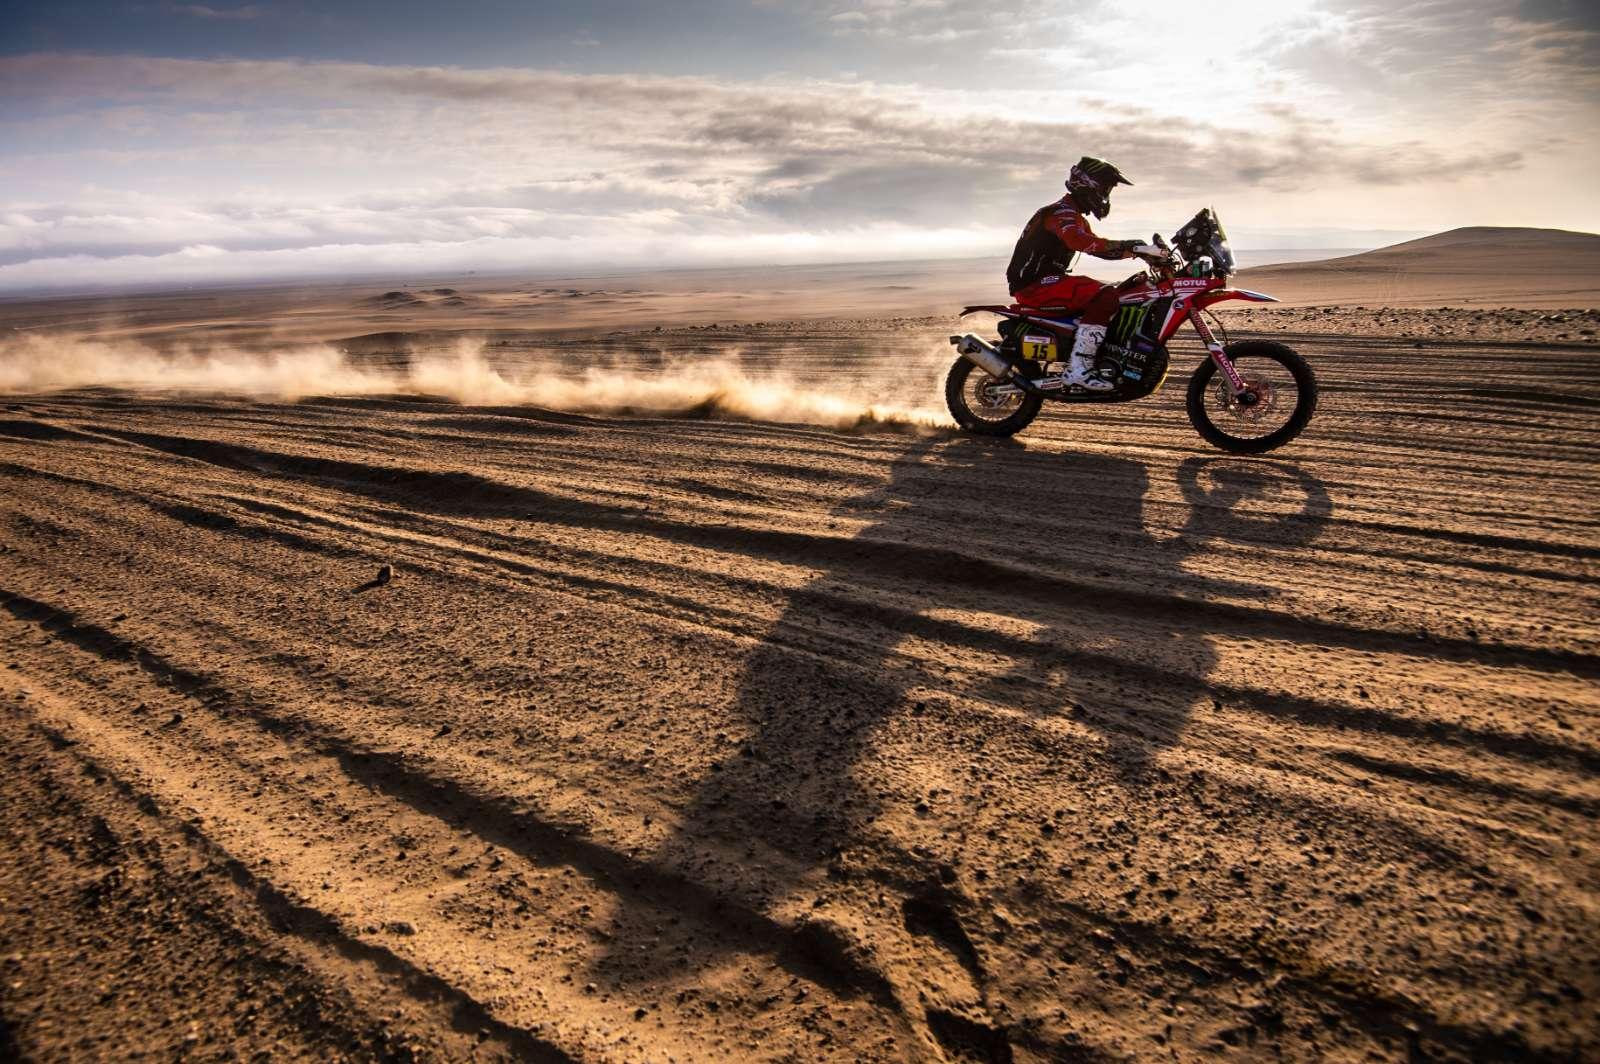 Ricky Brabec retoma a liderança do Dakar 2019 com a moto Honda CRF450 RALLY